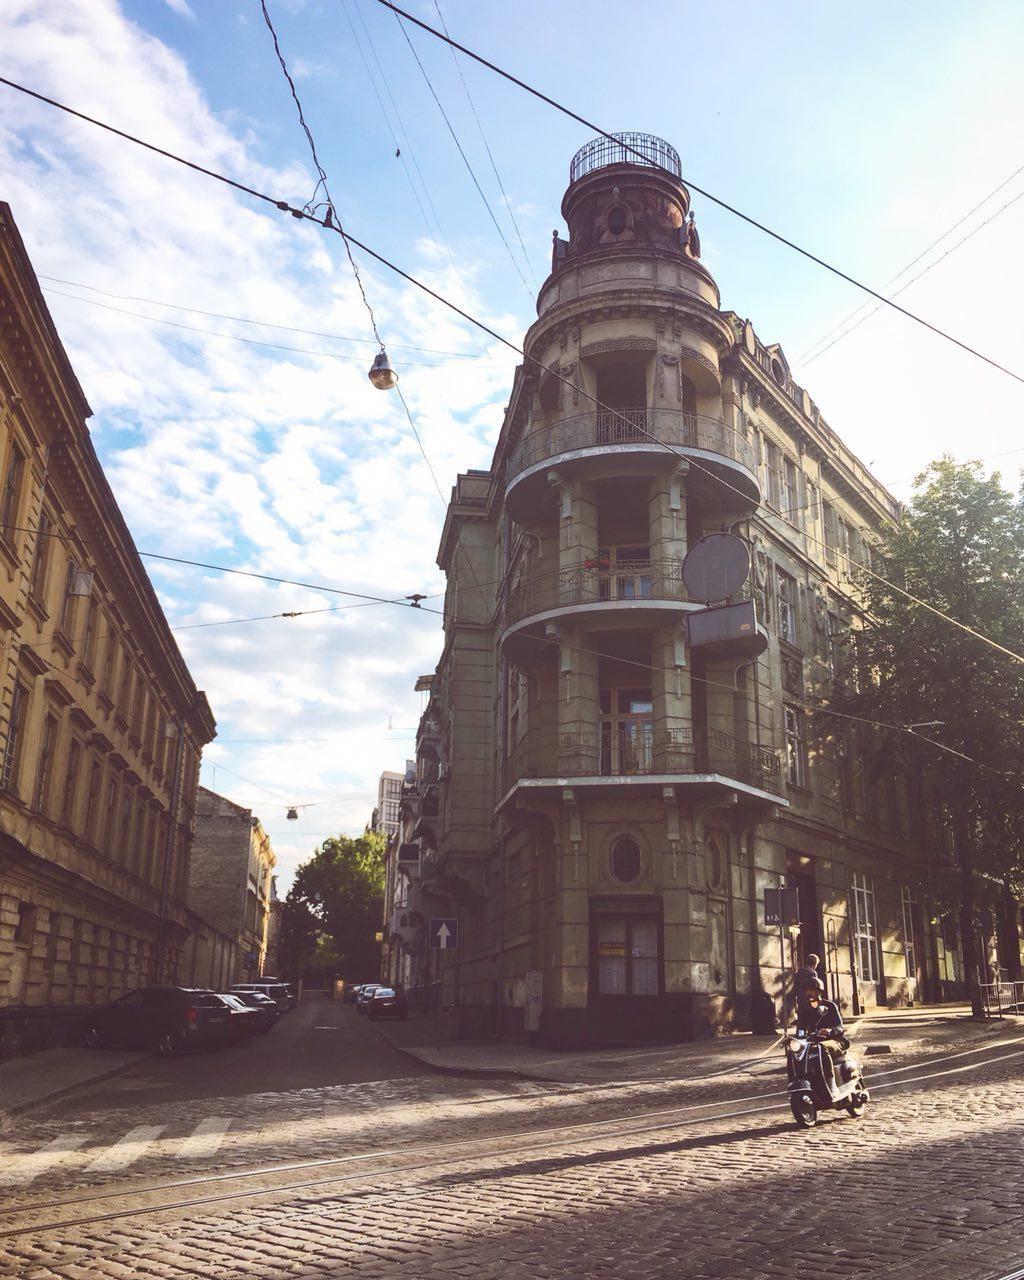 Львів, львівські вулиці